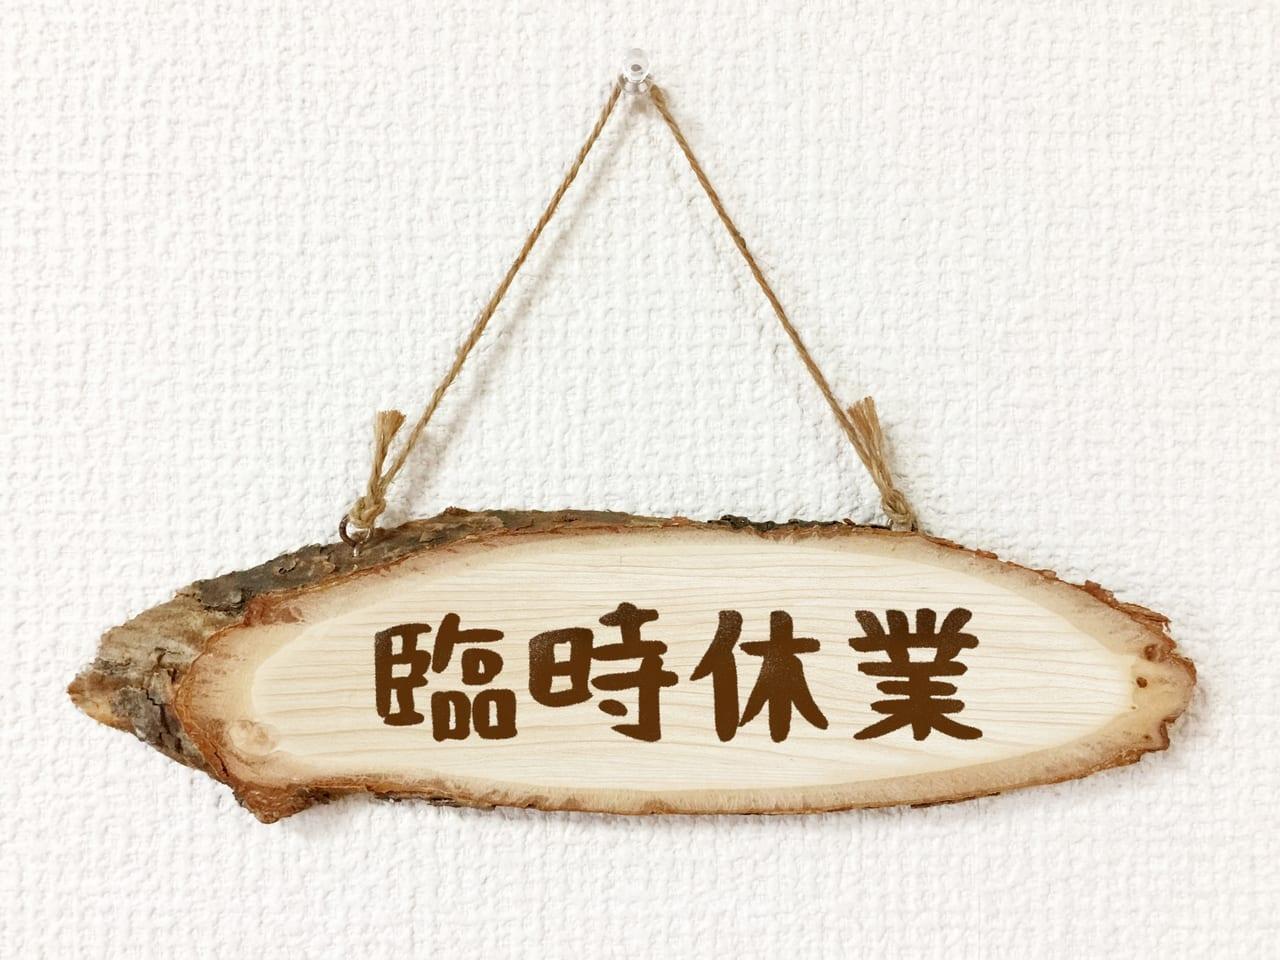 休校 仙台 市 【速報】12月8日 宮城で17人の新型コロナ感染確認